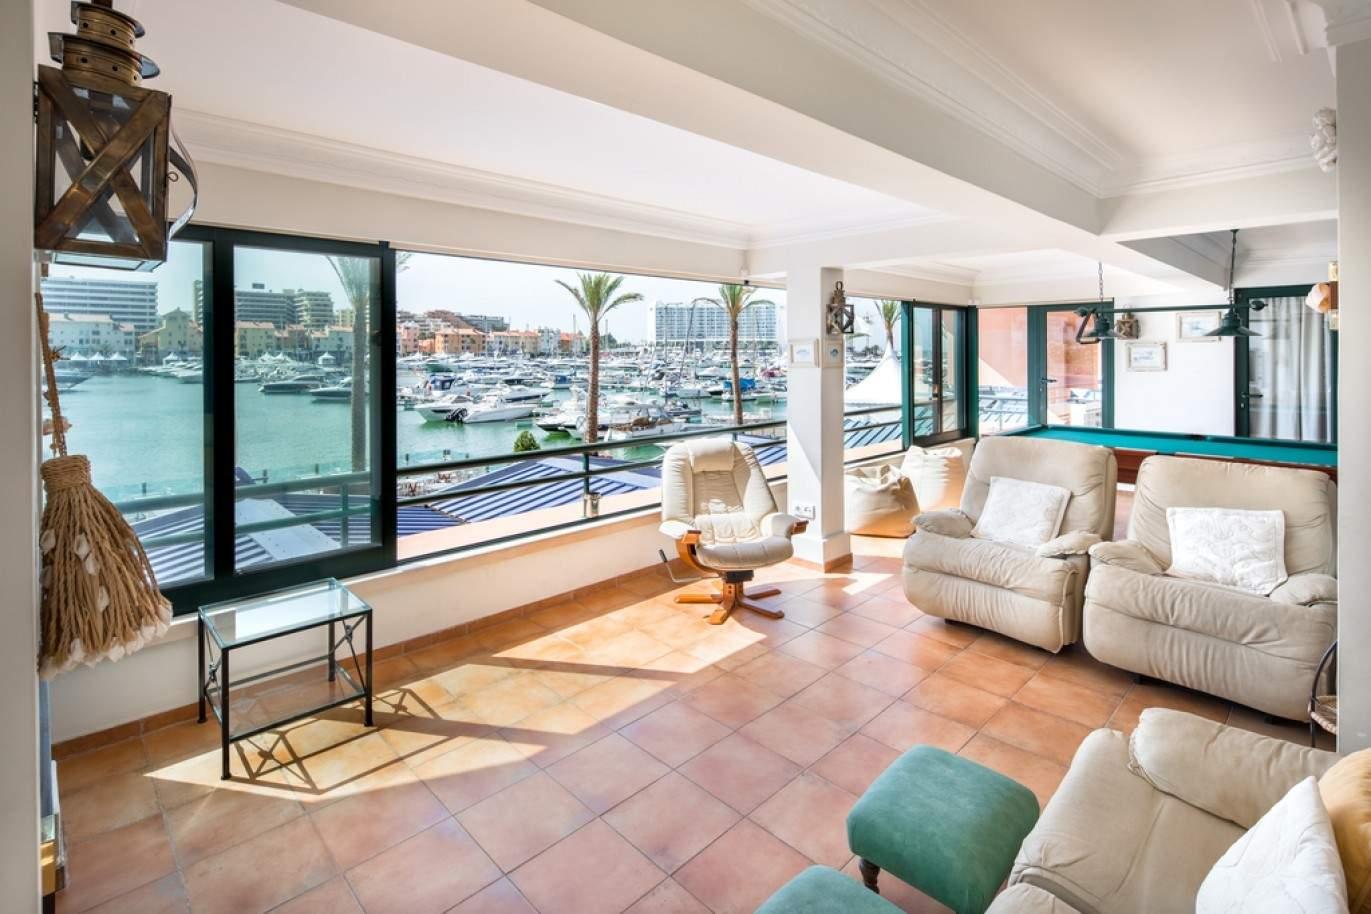 luxuoso-apartamento-com-vista-para-a-marina-de-vilamoura-algarve